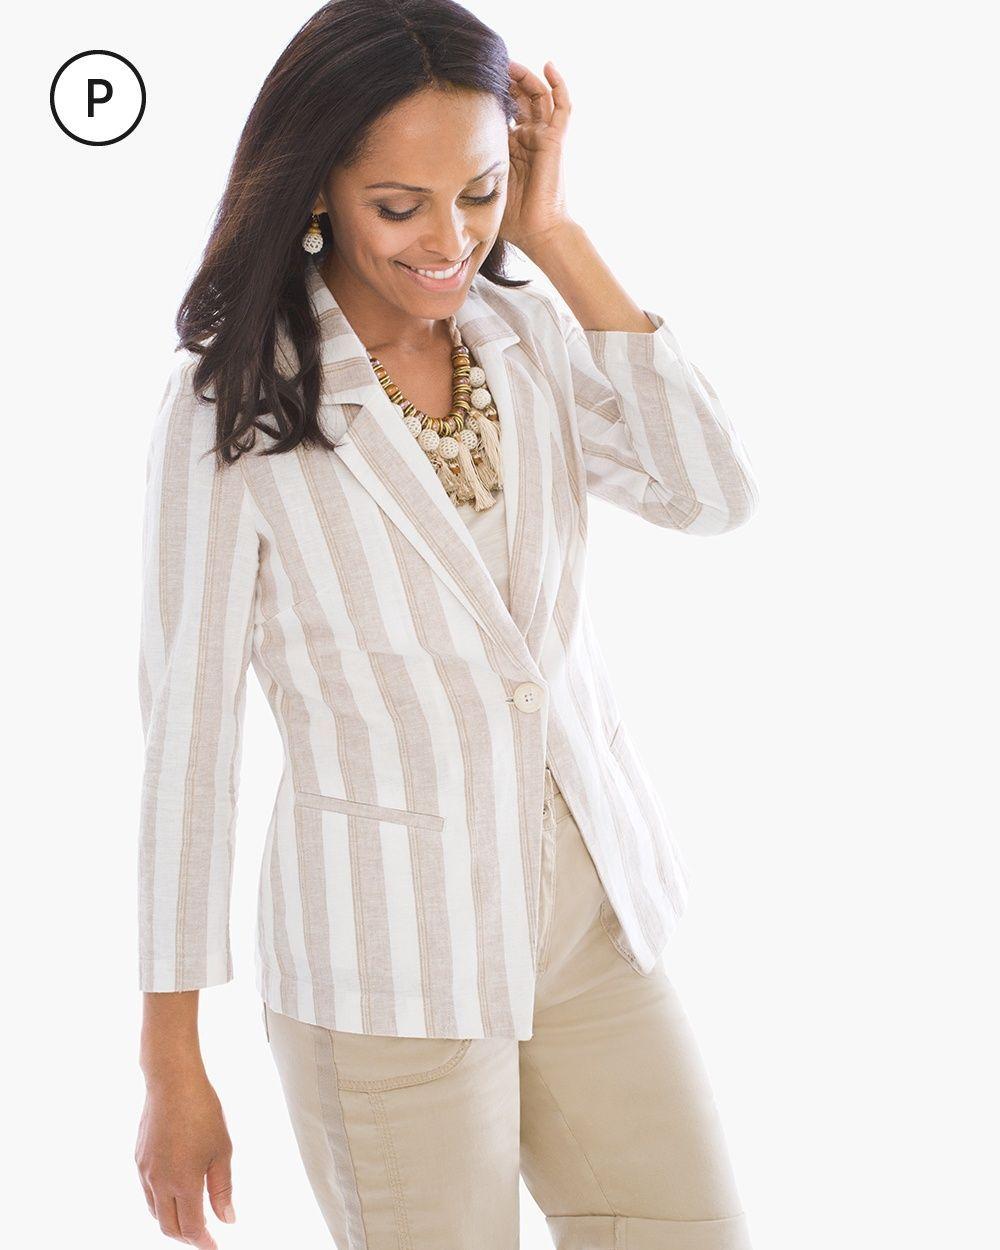 ddf5f69e96a0 Chico s Women s Petite Striped Linen Blazer